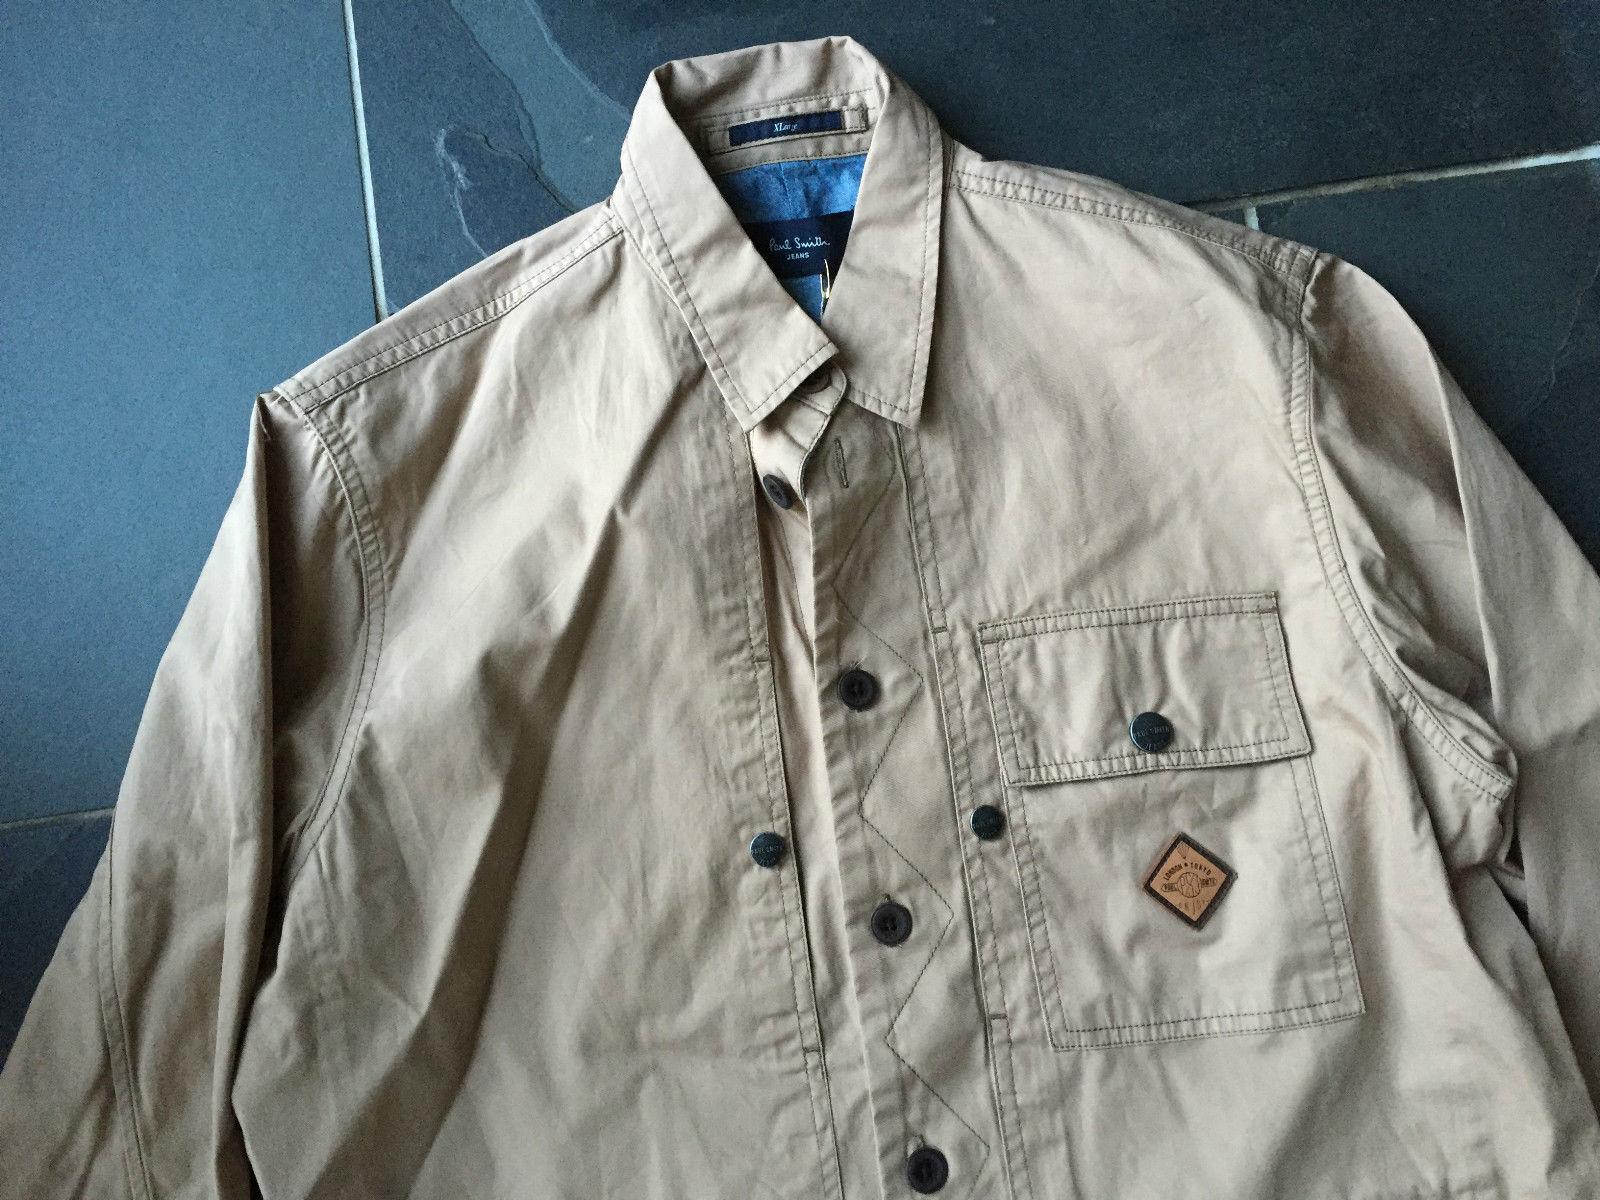 Paul smith chemise pour hommes veste pierre couleur - Couleur beige en anglais ...